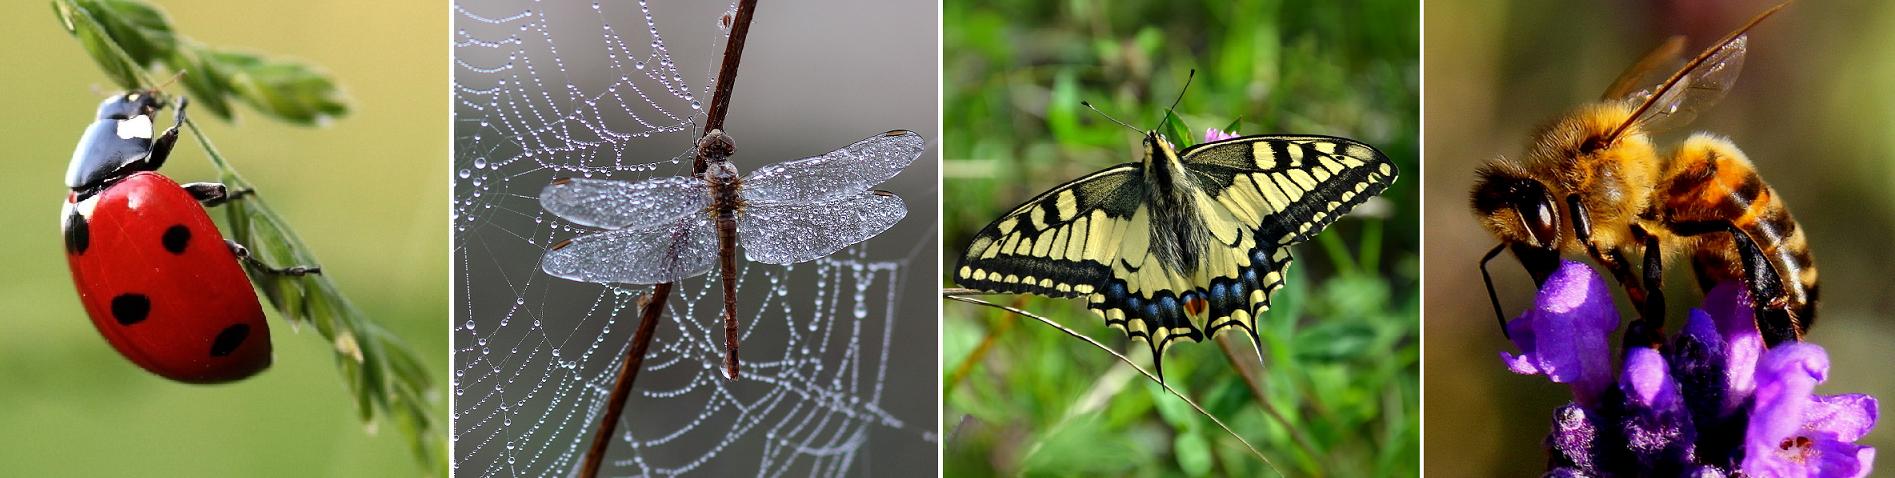 Biodiversität - Marienkäfer, Libelle, Schmetterling, Biene